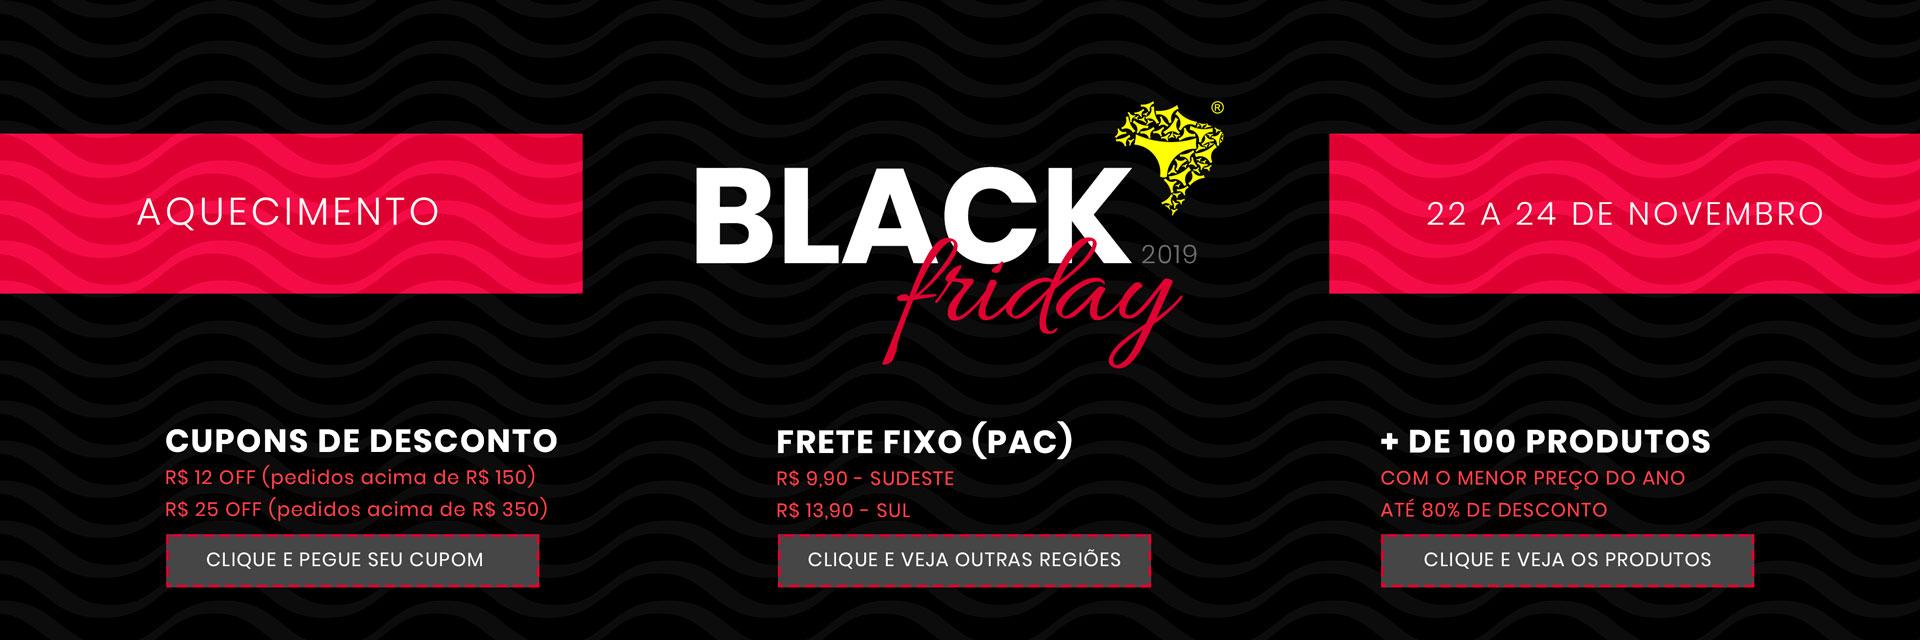 Black Friday 2019 - Aquecimento